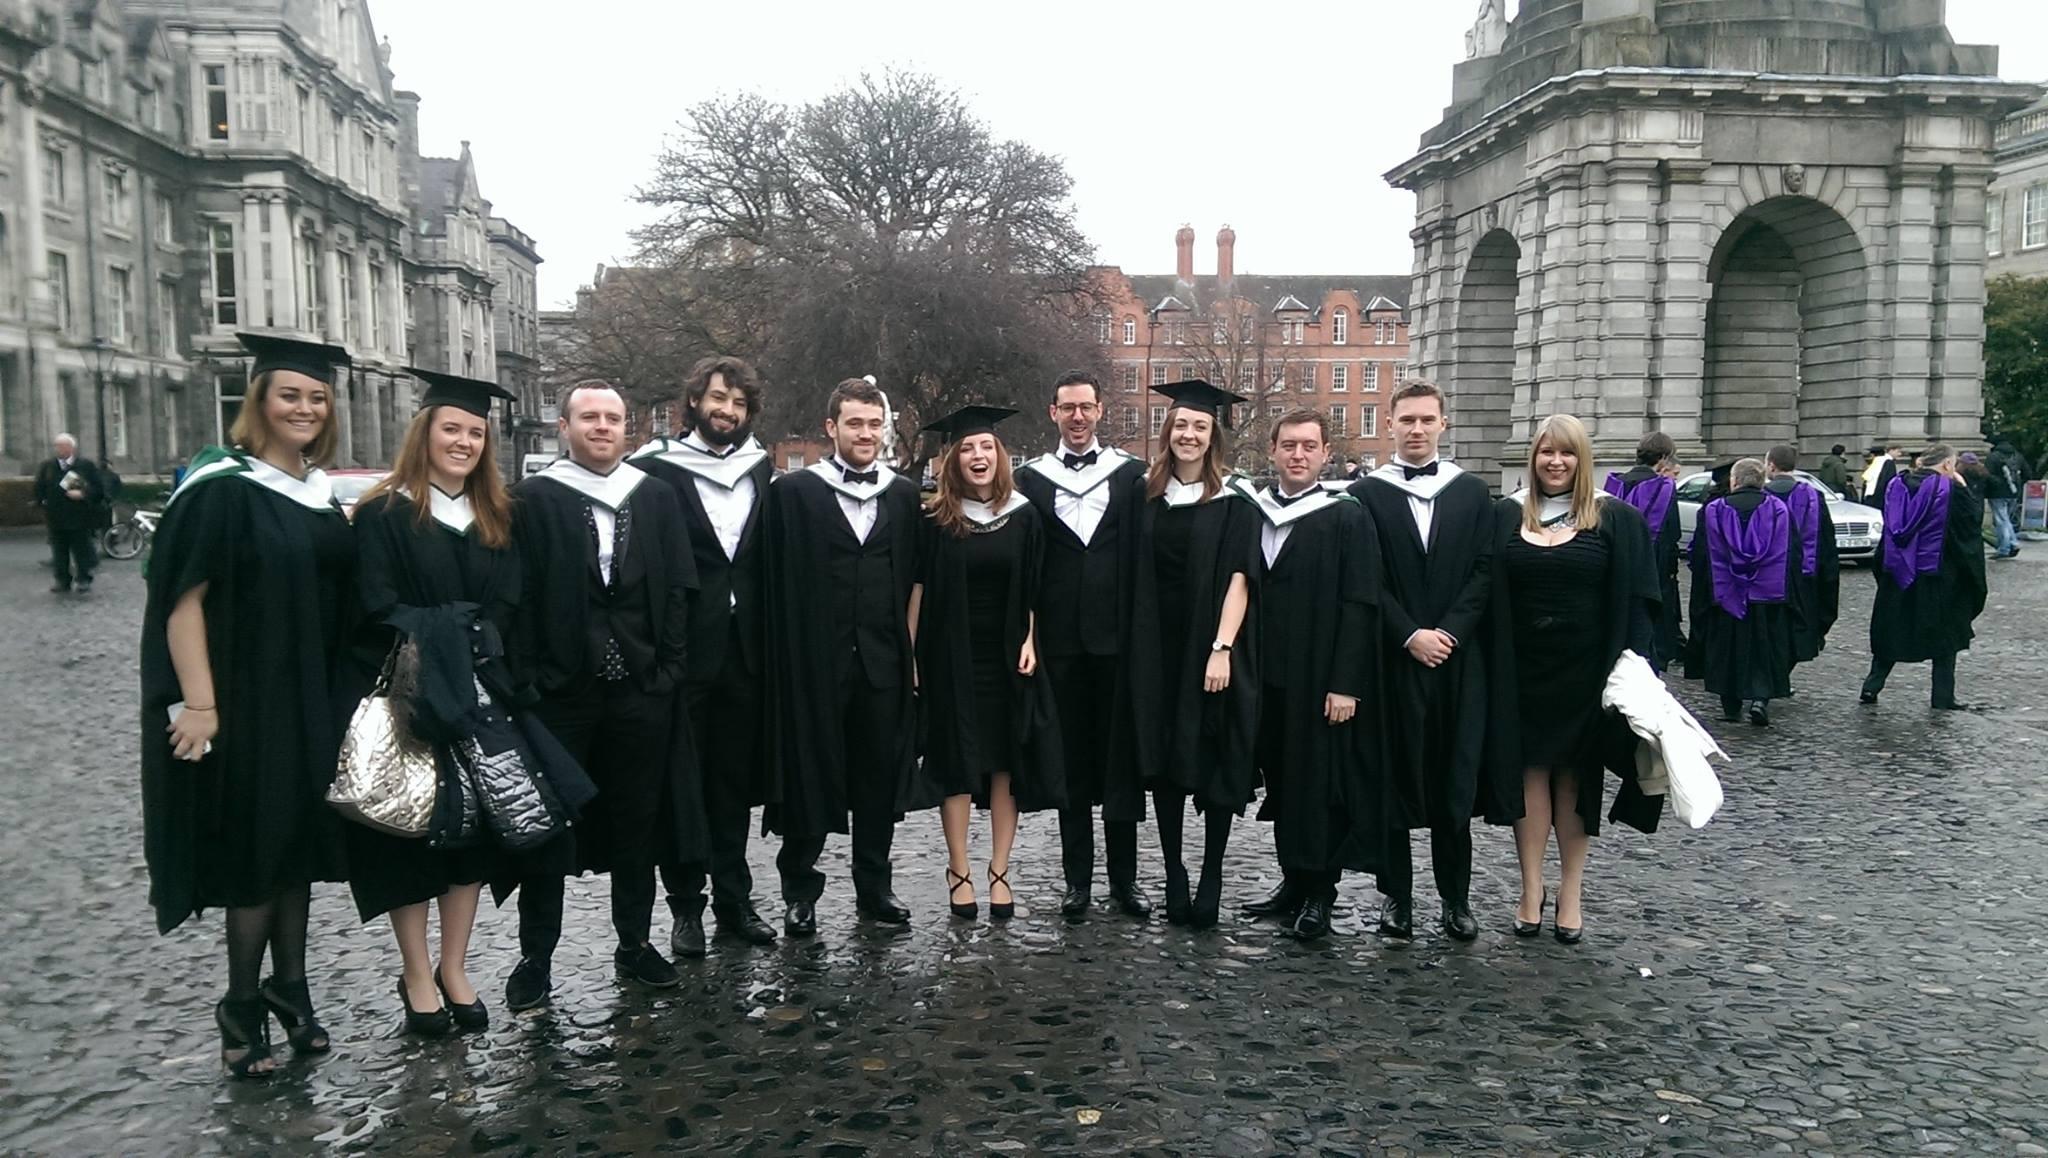 都柏林大学圣三一学院生物制药专业你感兴趣吗?